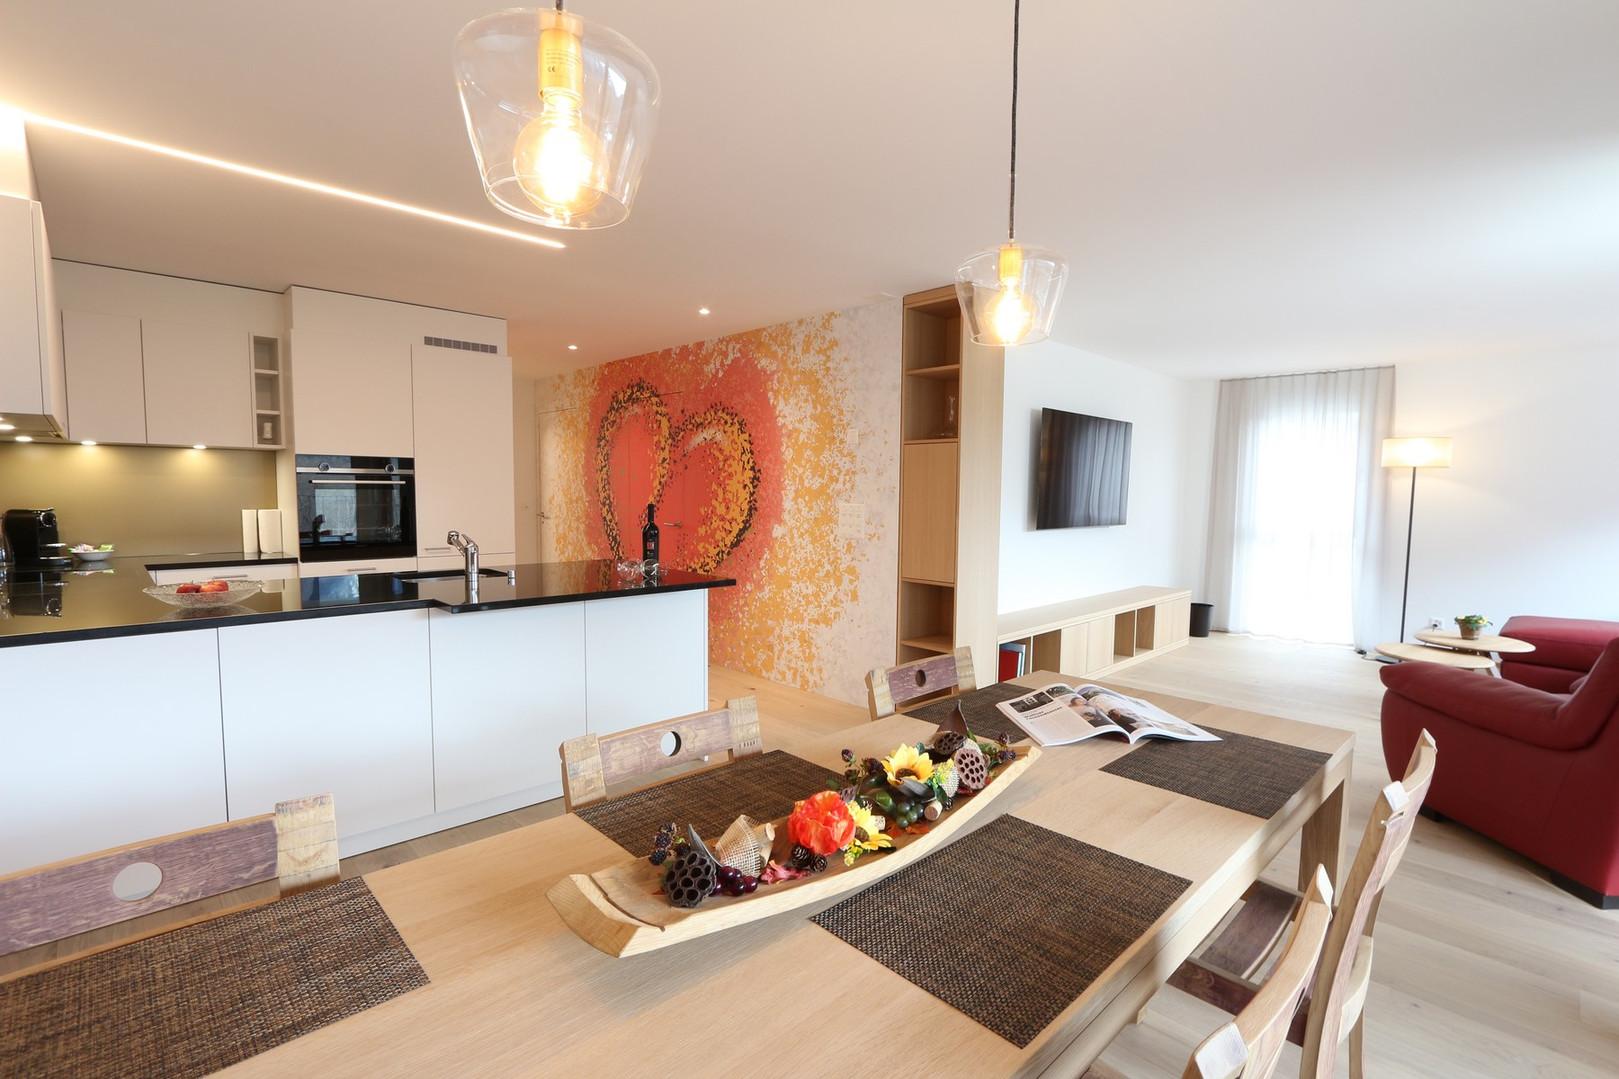 De Luxe Suite Merlot, BnB Vino Veritas, Salgesch, Diego Mathier